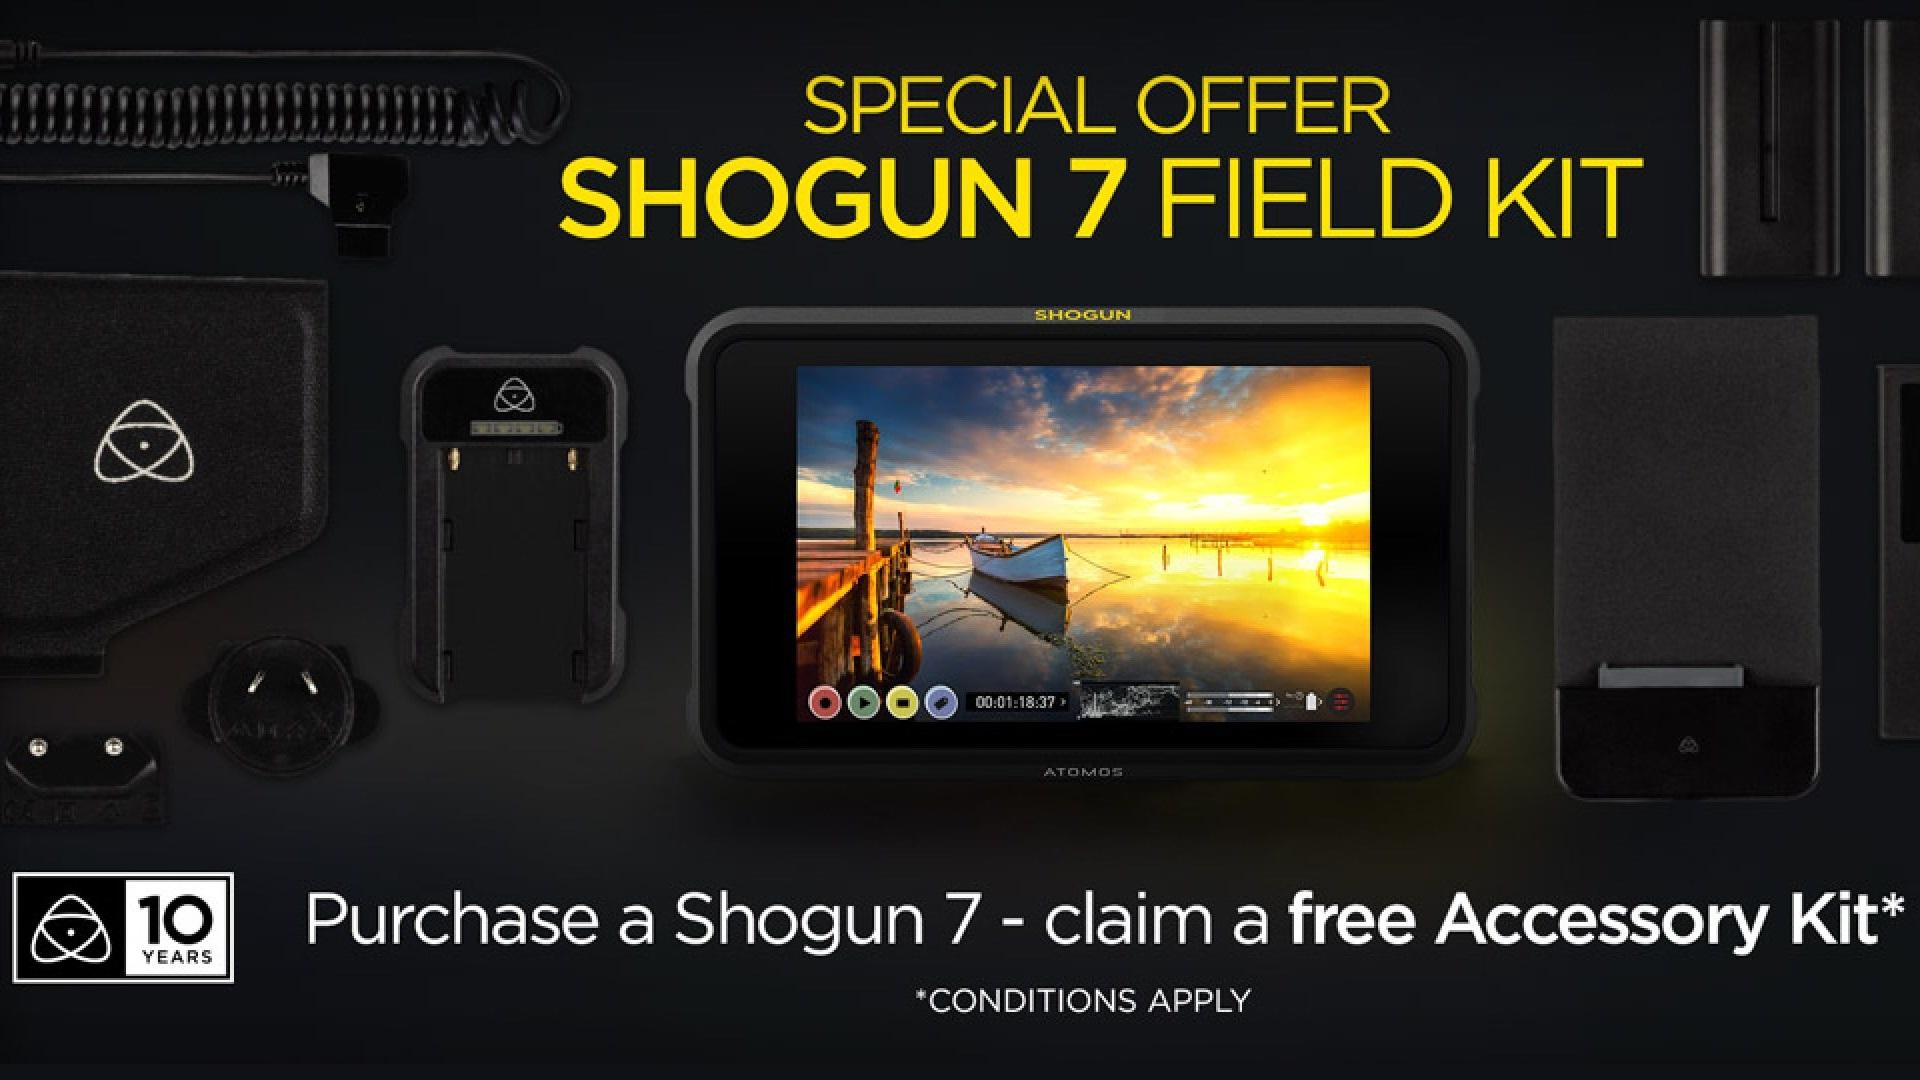 Kit de accesorios gratuito para el Shogun 7 de Atomos - Oferta especial de aniversario